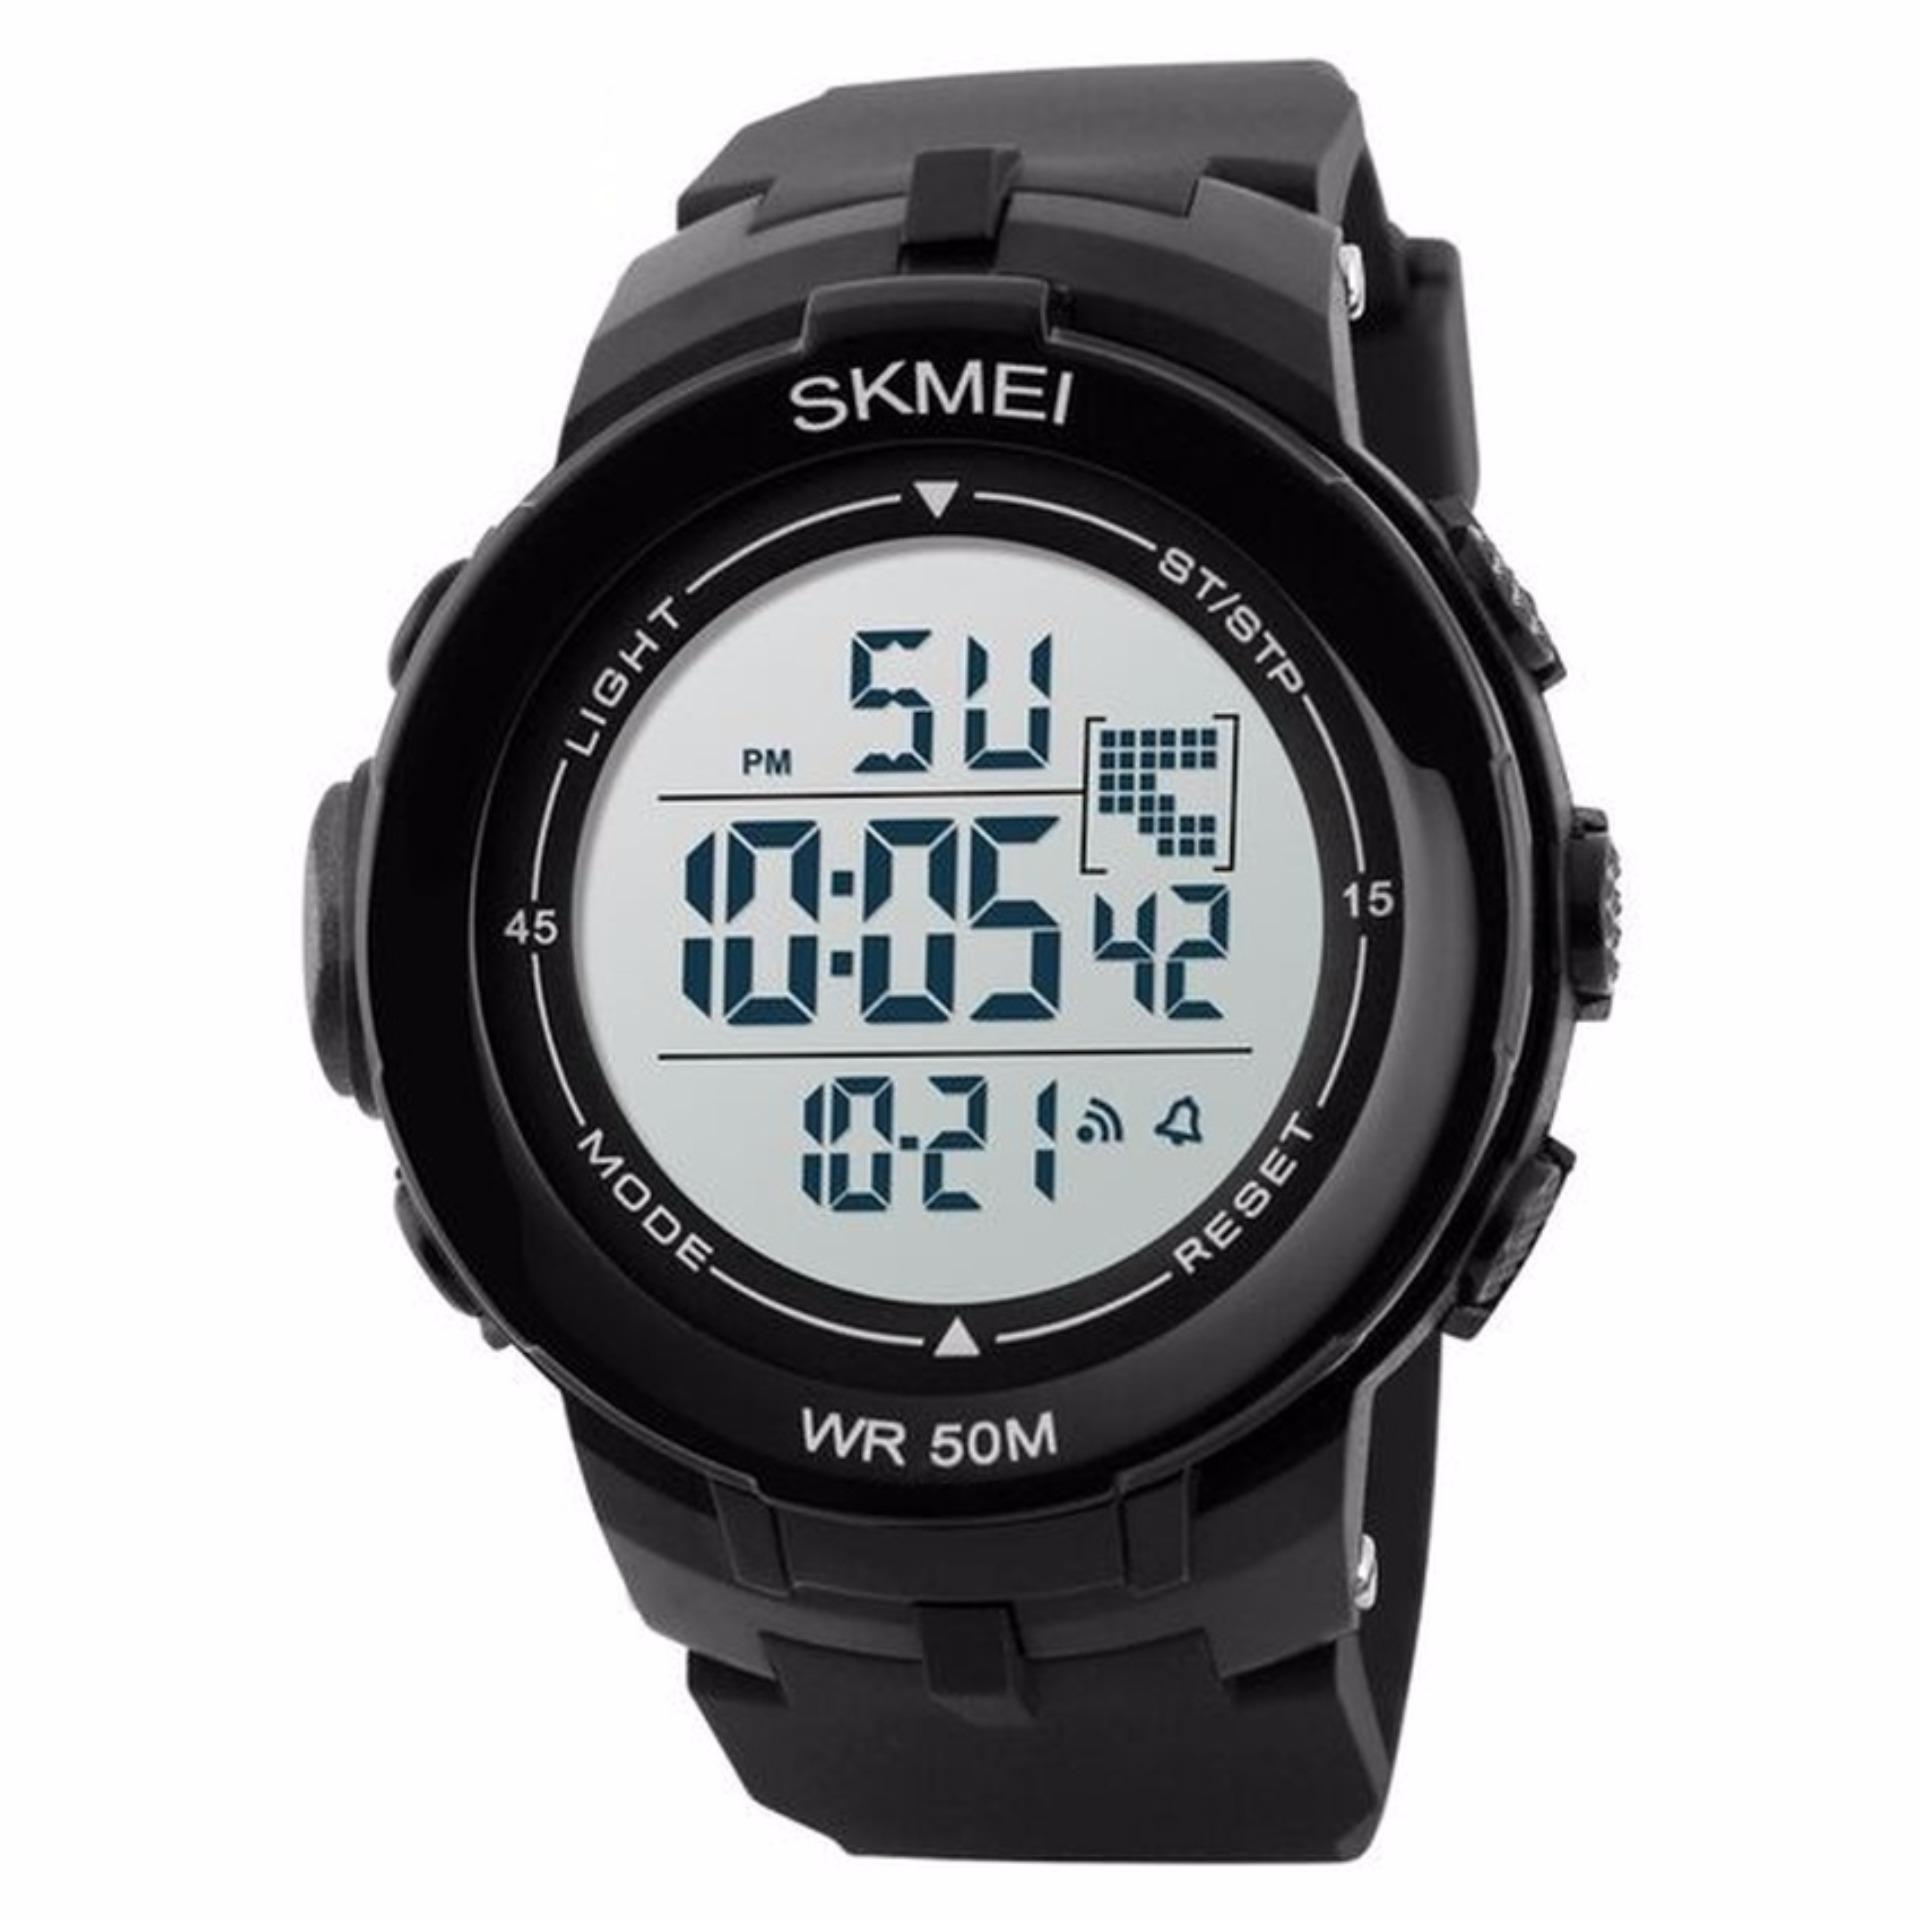 SKMEI S-Shock Sport Digital Men Watch Anti Air Water Resistant WR 50m Jam Tangan ...